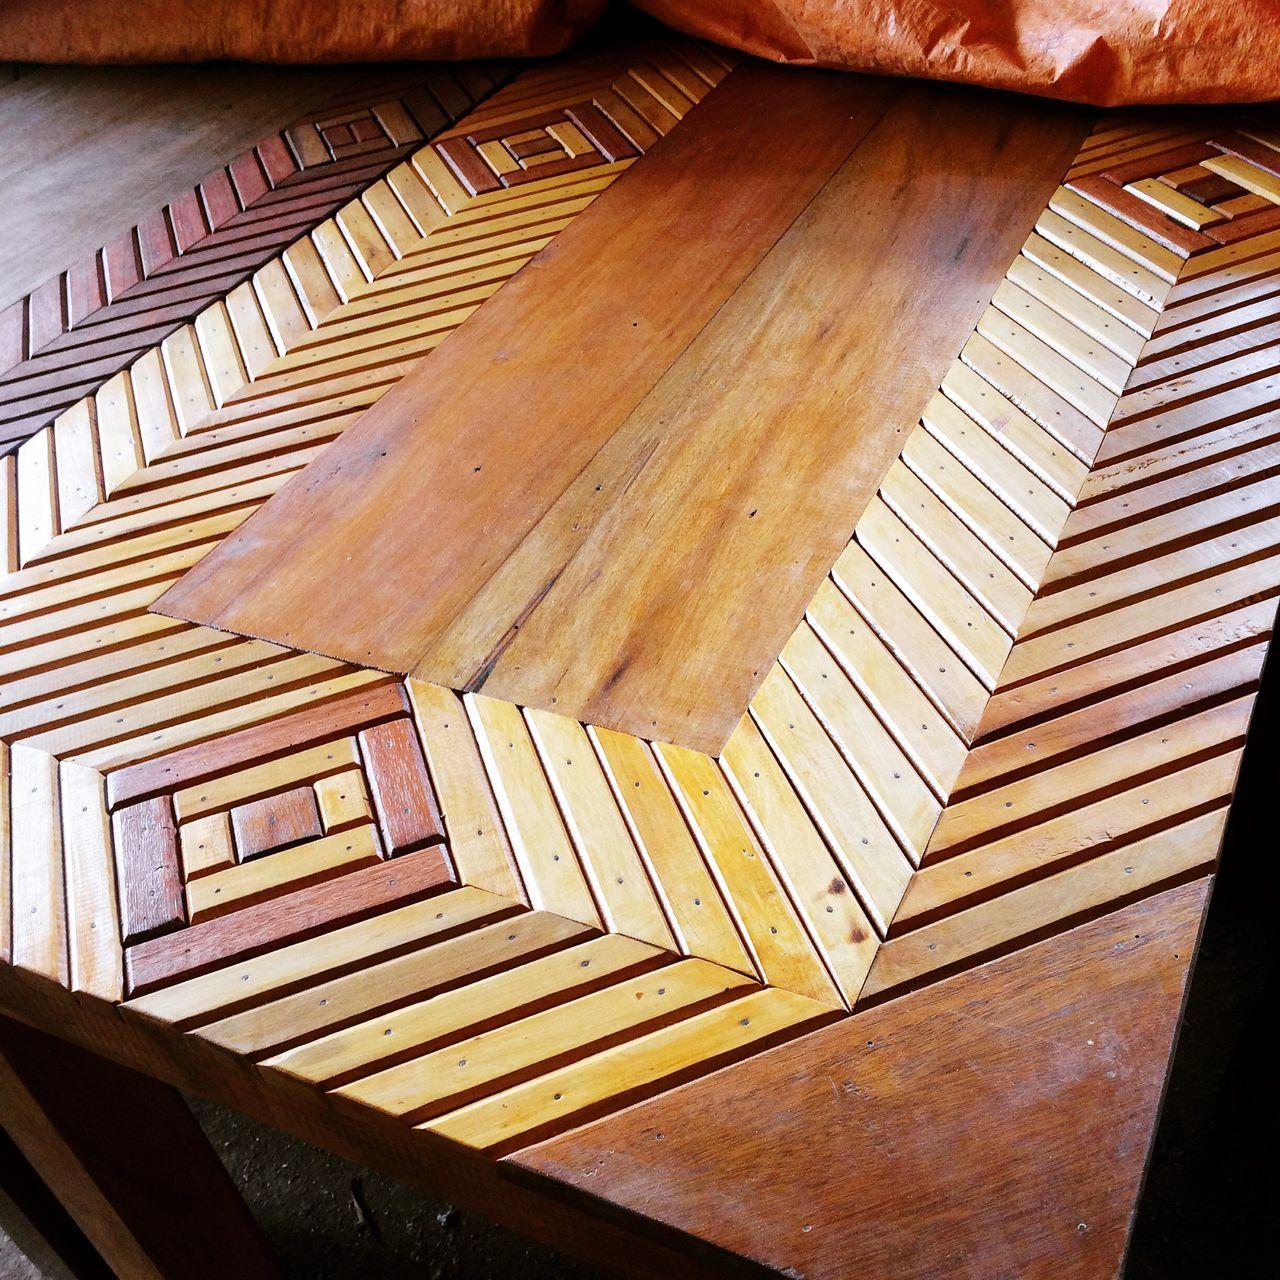 Arquitecture Designdeinteriores Cozinhagourmet Varanda Interiors Interiordesign Interiorista Interiorismo Inspiration Inspiracion Amoquefaço